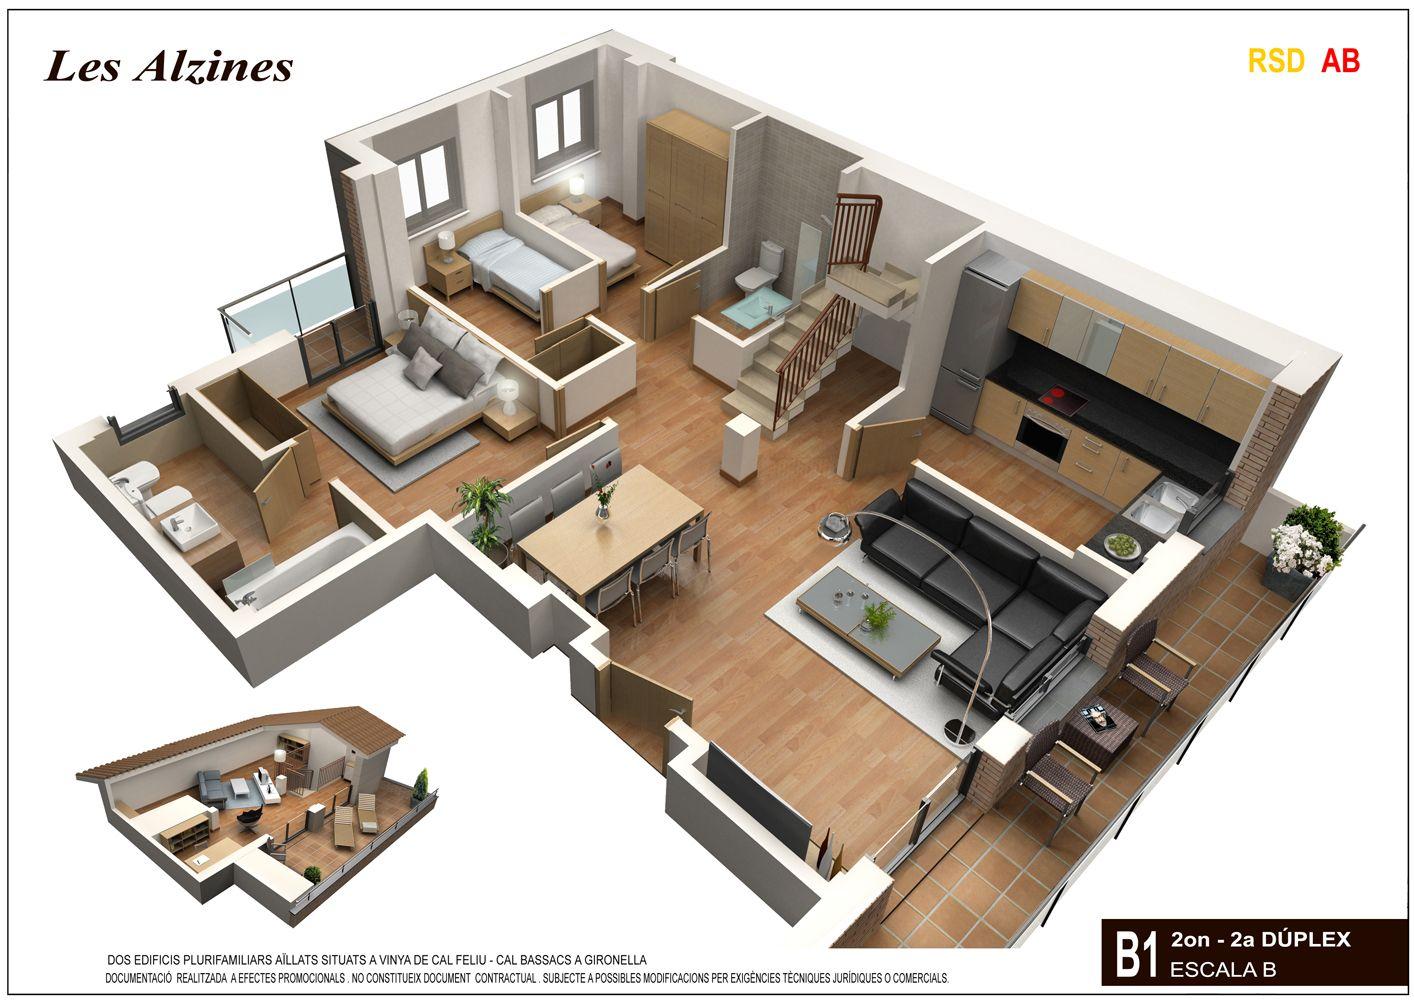 Apartamentos duplex buscar con google planos - Escaleras de duplex ...